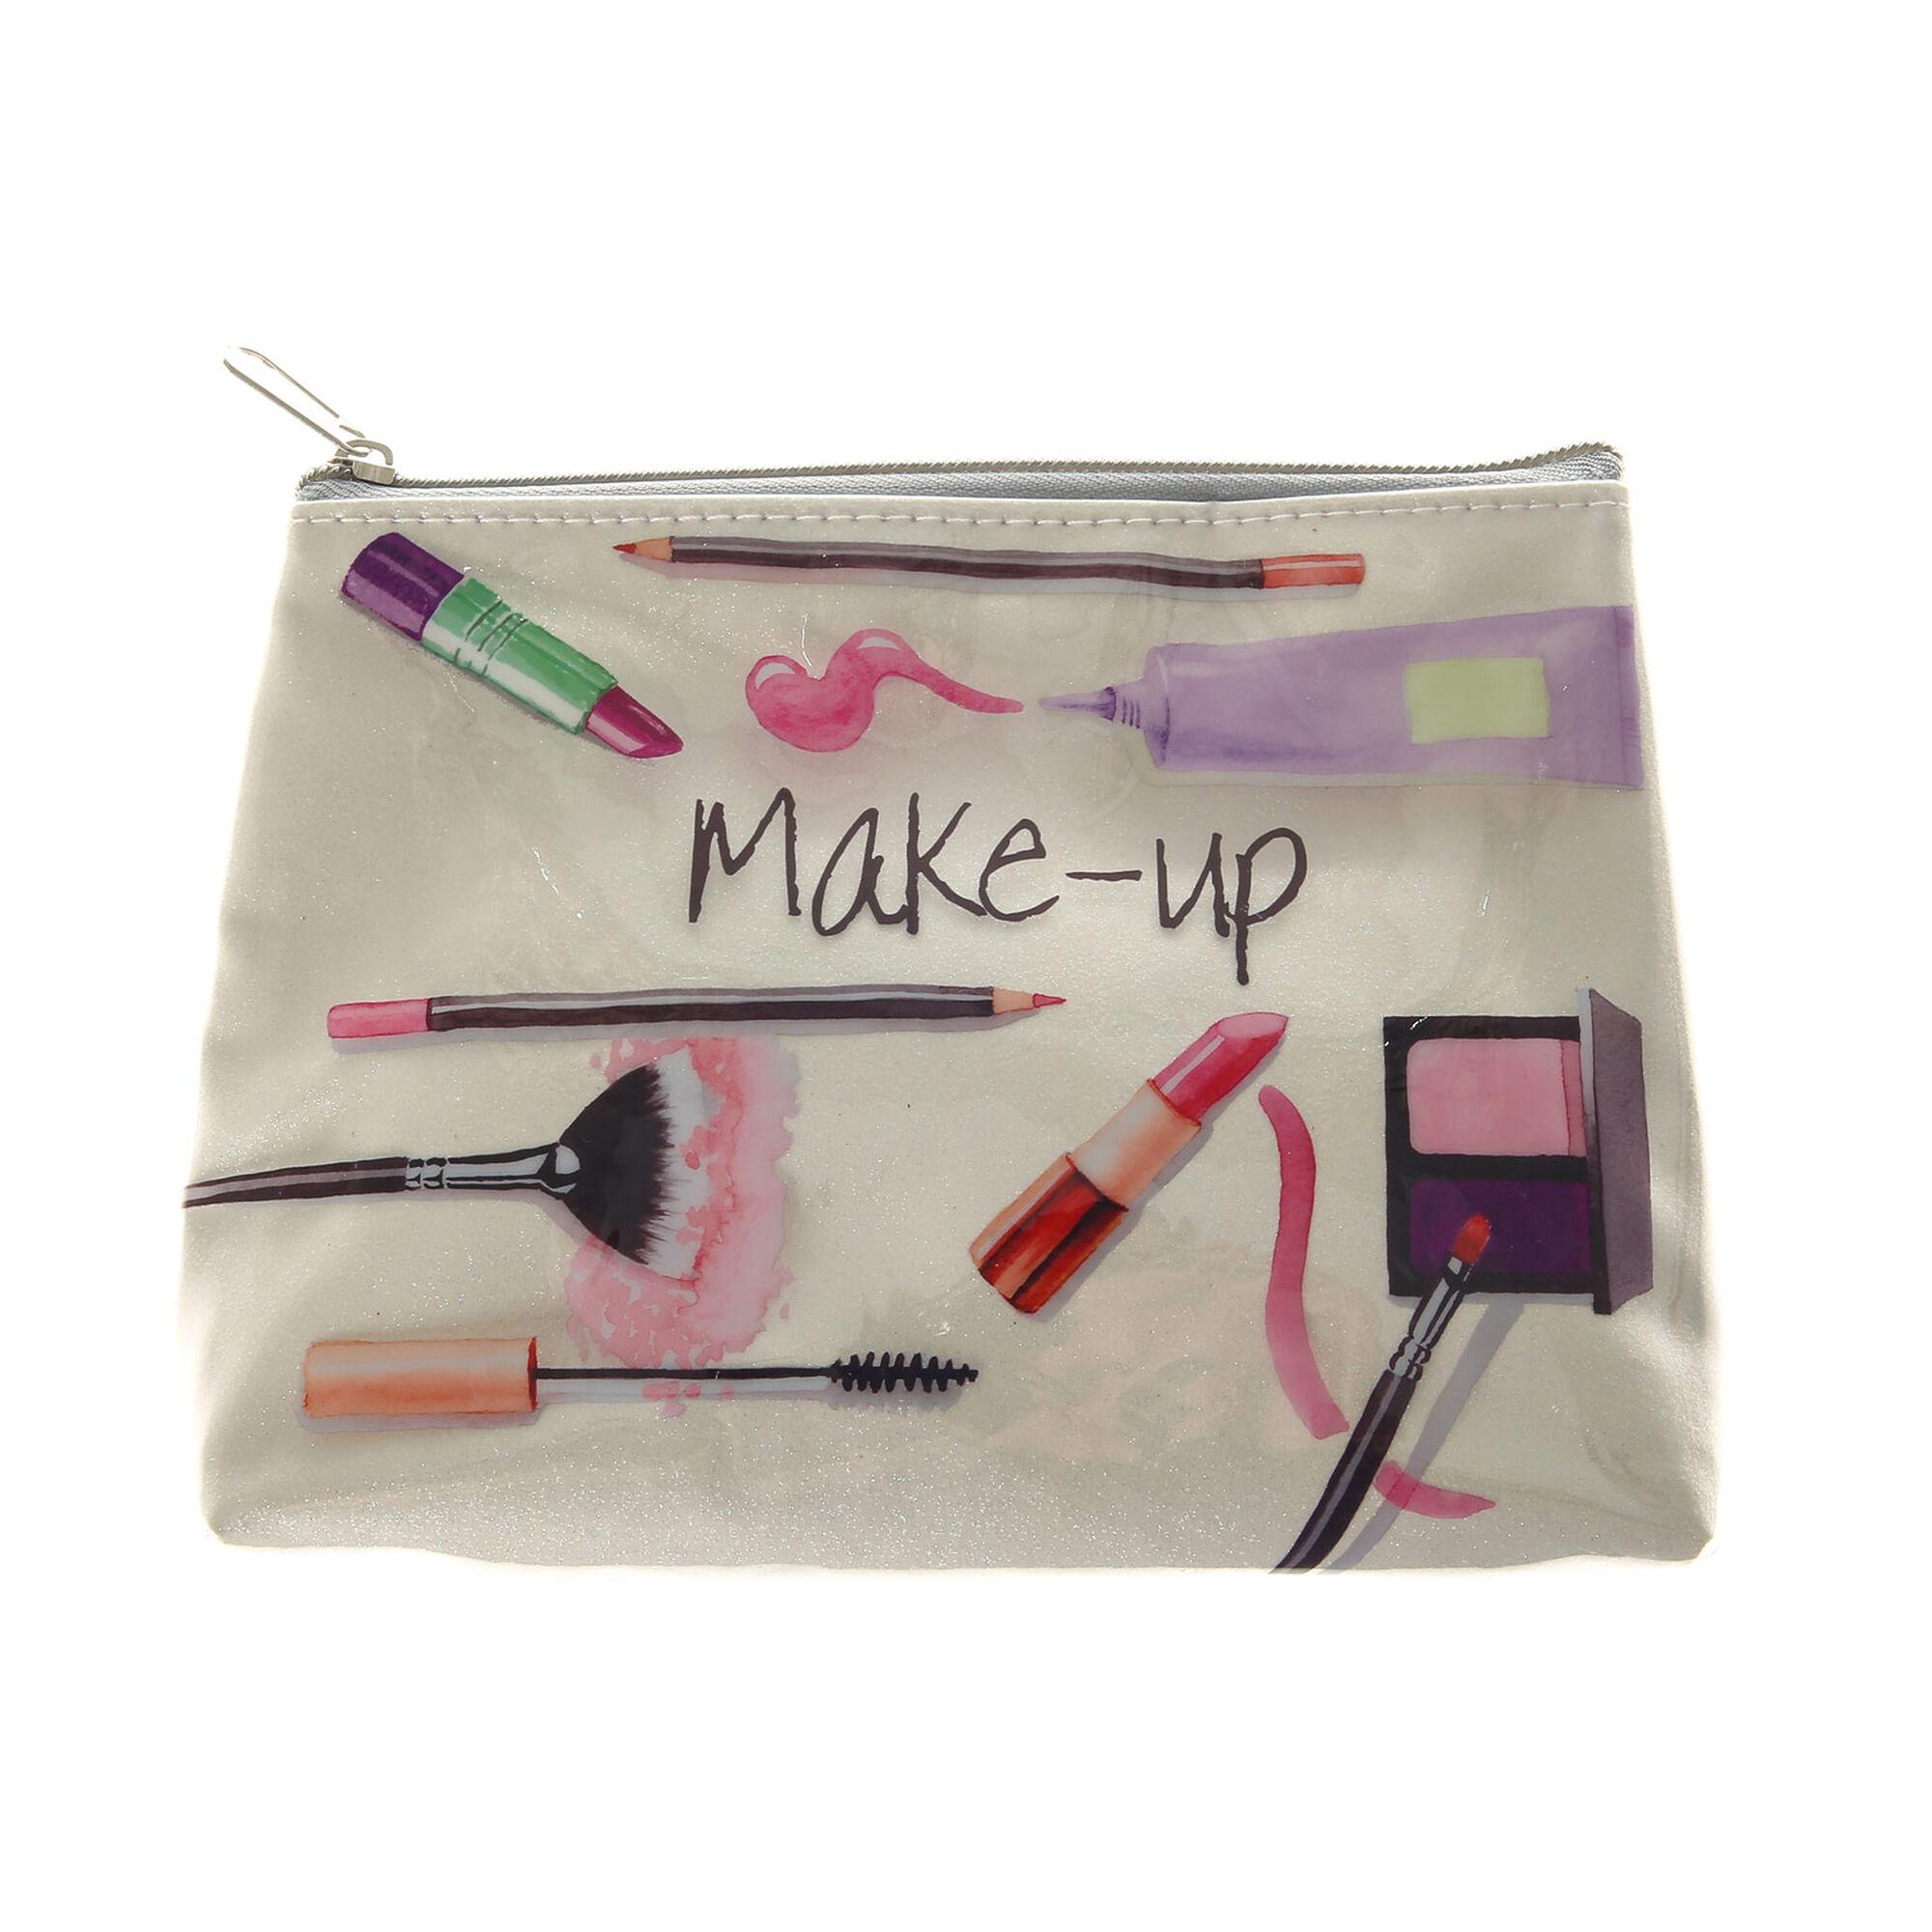 Kisake Up Glitter Parcel Cosmetics Bag